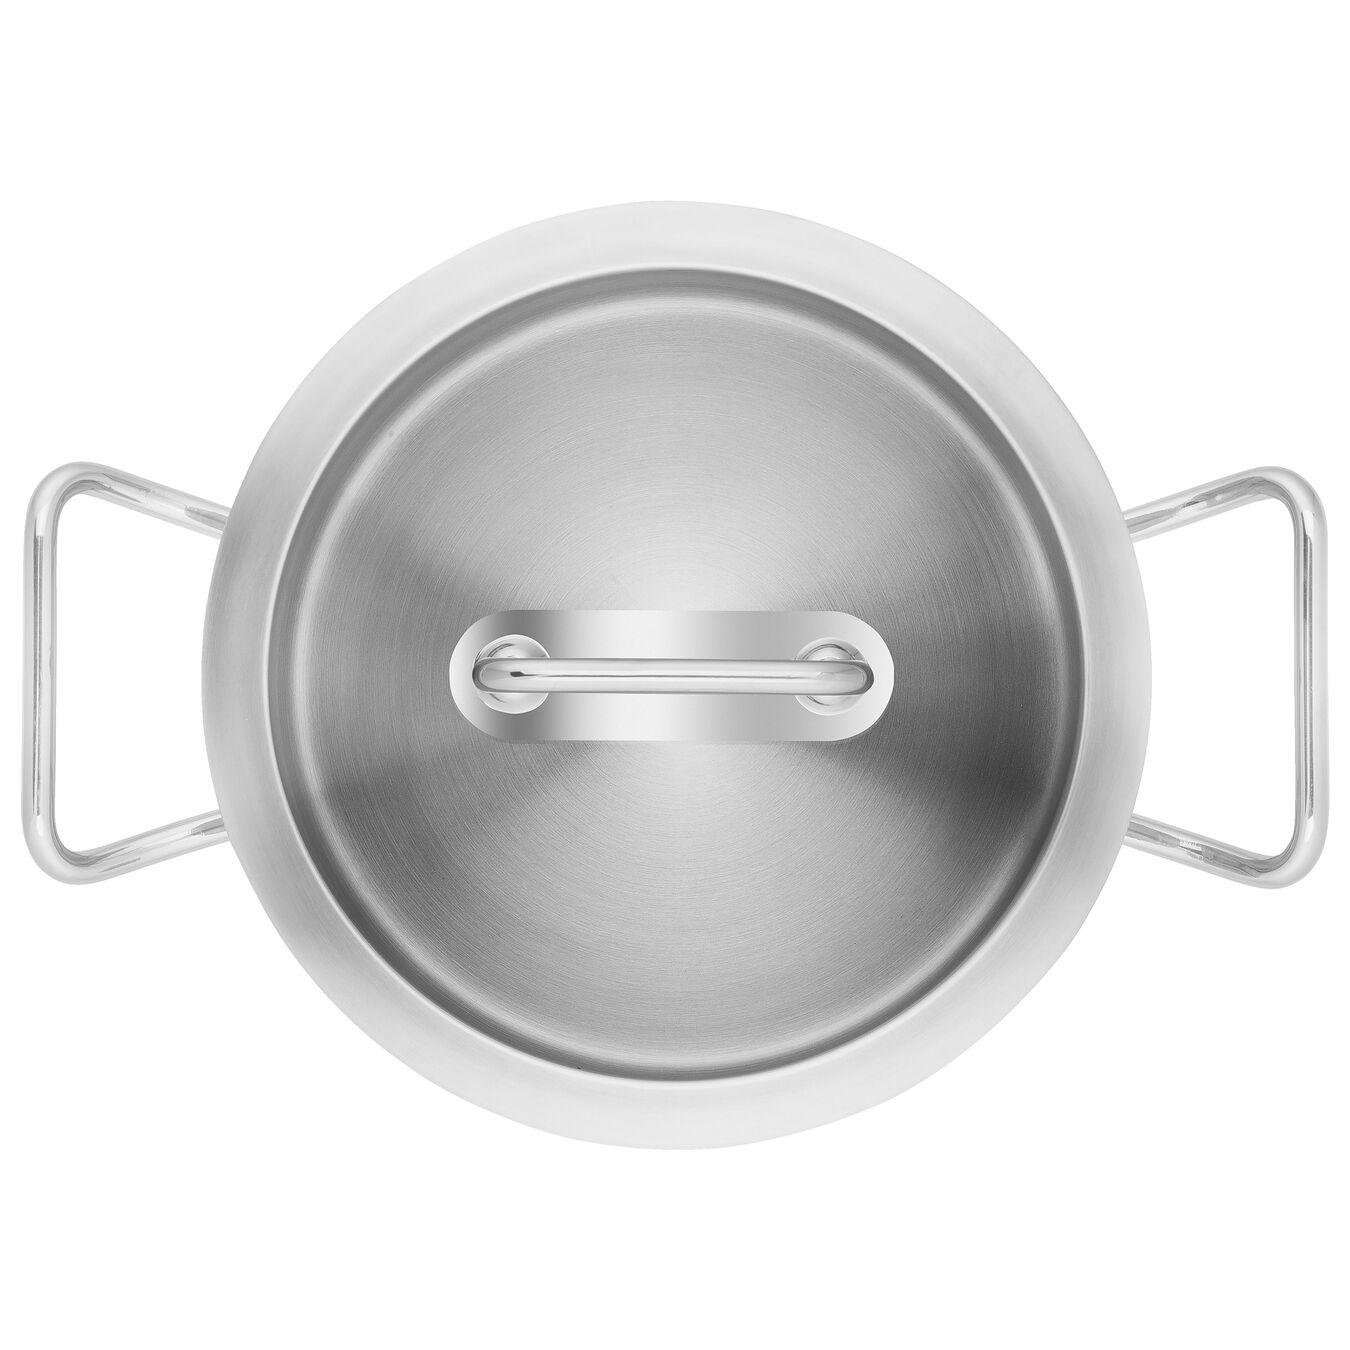 Pentola alta - 28 cm, 18/10 acciaio inossidabile,,large 5